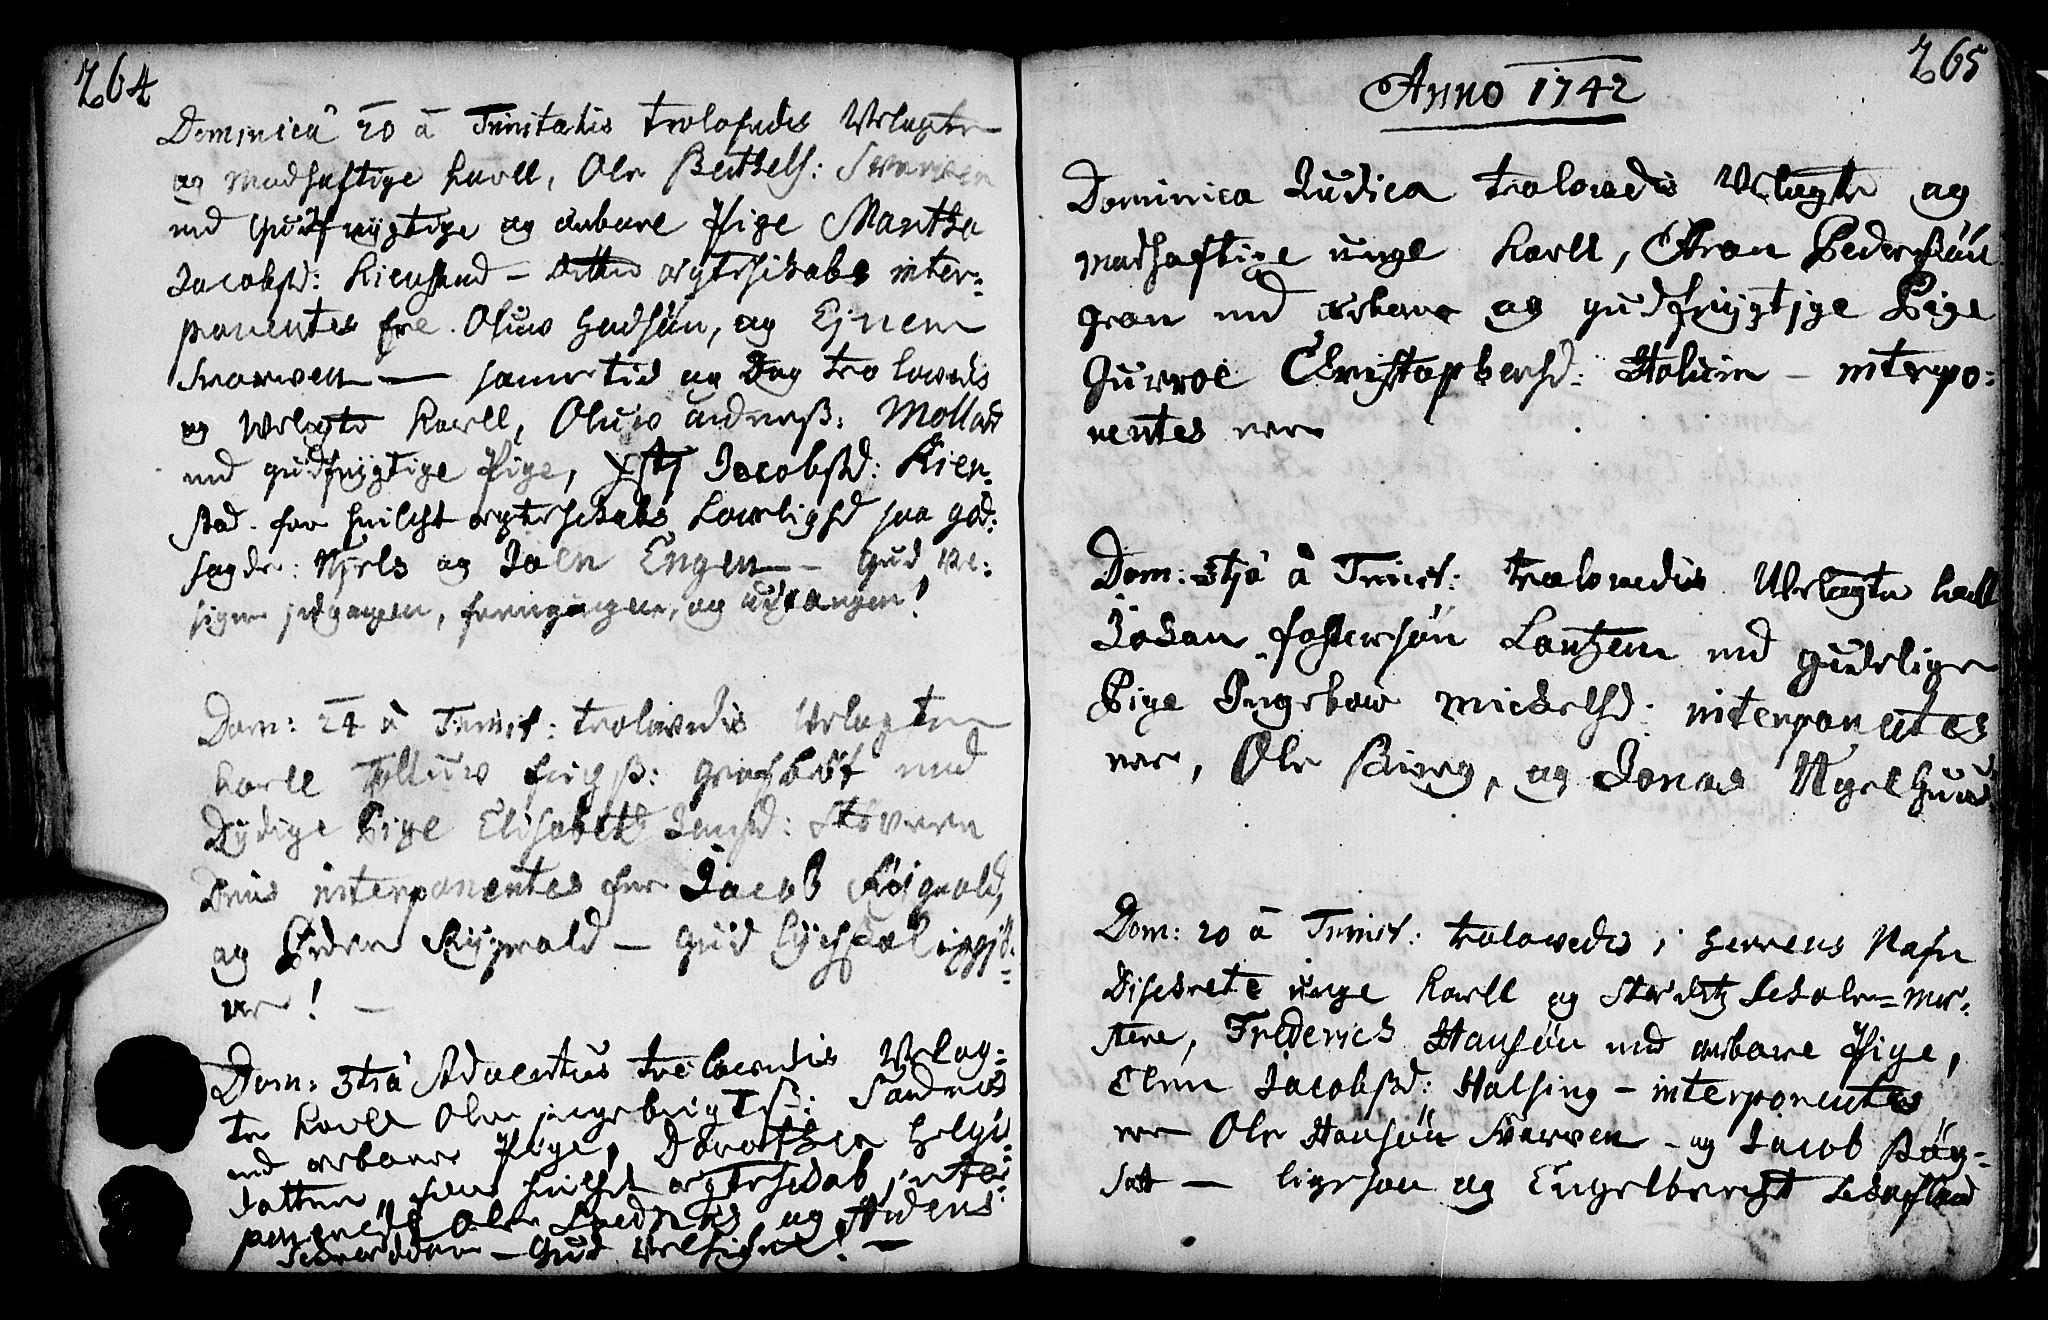 SAT, Ministerialprotokoller, klokkerbøker og fødselsregistre - Nord-Trøndelag, 749/L0467: Ministerialbok nr. 749A01, 1733-1787, s. 264-265